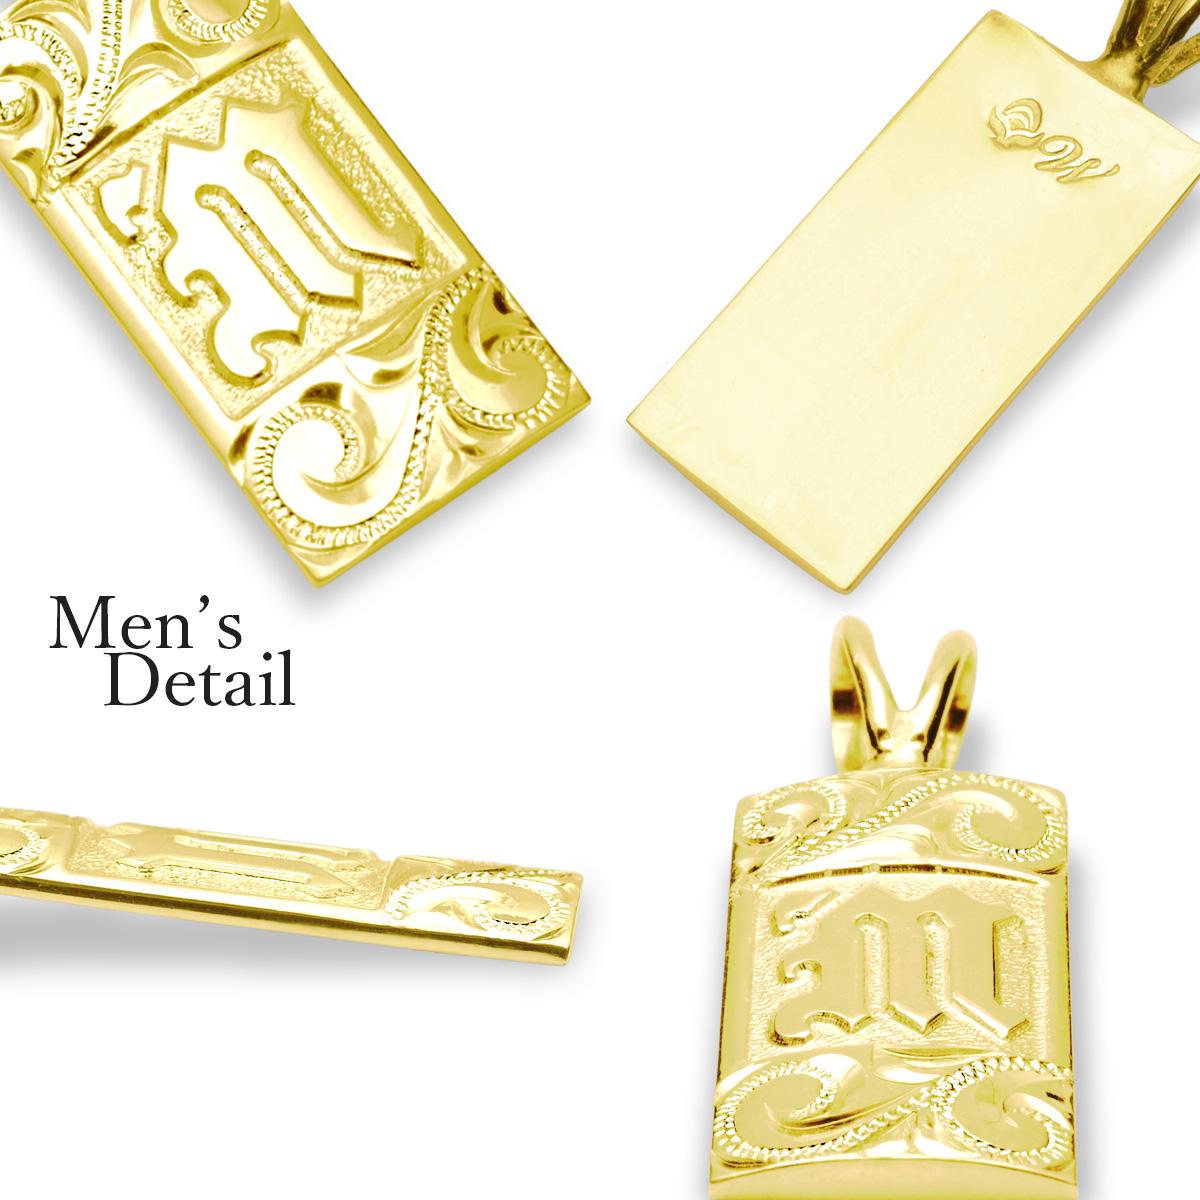 ハワイアンジュエリー ネックレス K14 K18 ゴールド レディース メンズ 14金 18金 [Weliana] バレル オーダーメイド イニシャルペンダント 幅8mmまたは10mm/wpd1645k14